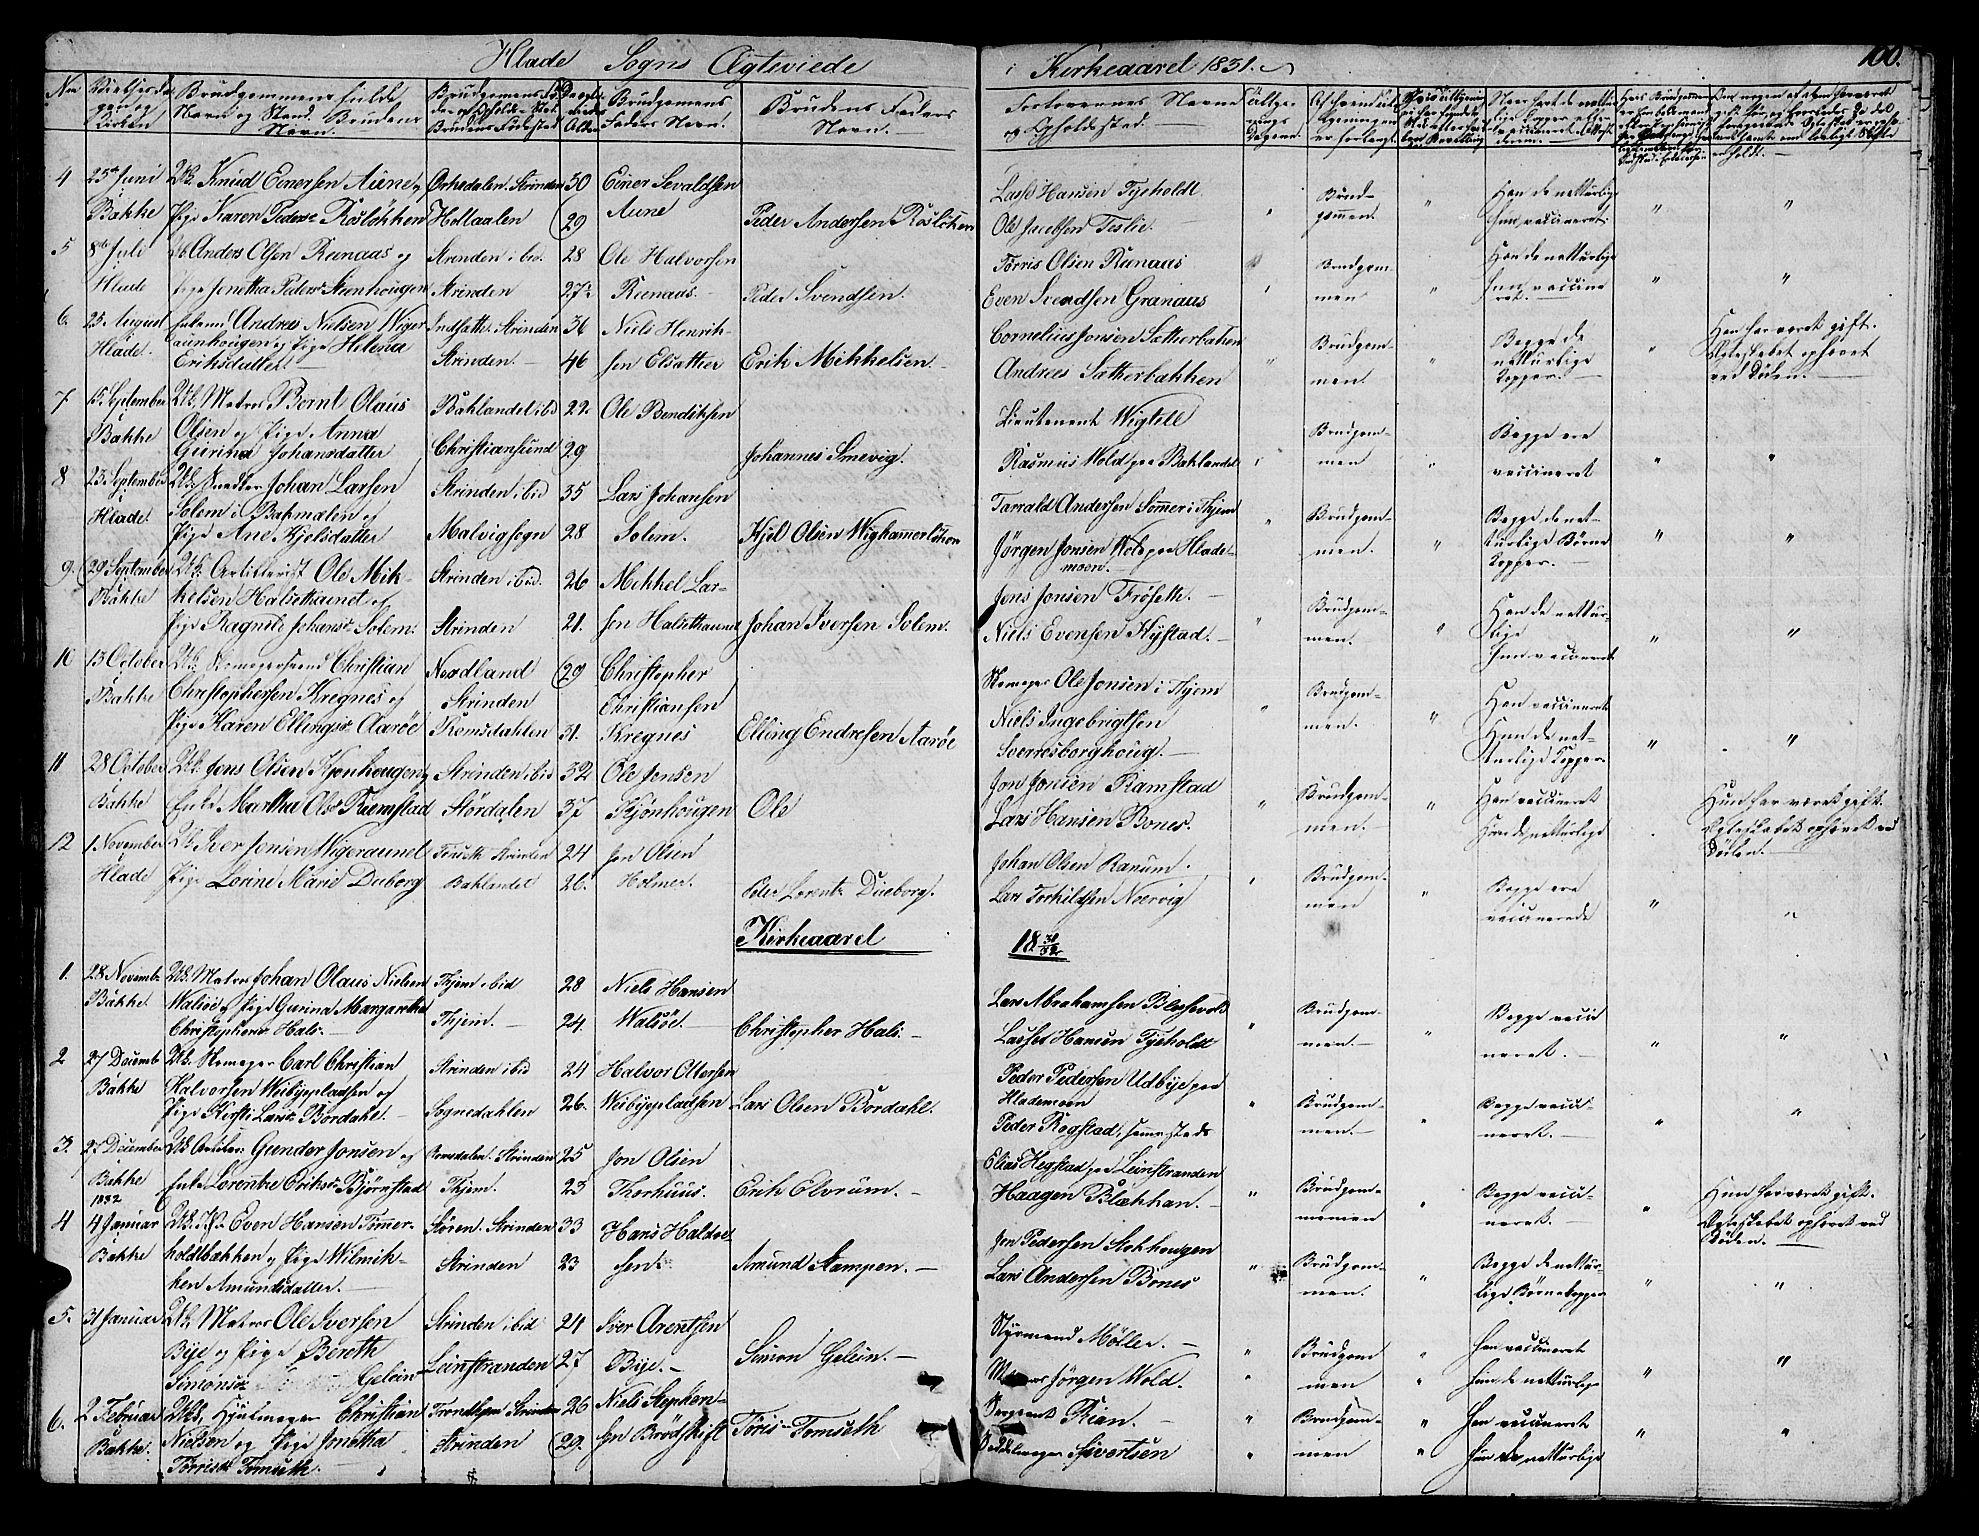 SAT, Ministerialprotokoller, klokkerbøker og fødselsregistre - Sør-Trøndelag, 606/L0308: Klokkerbok nr. 606C04, 1829-1840, s. 100